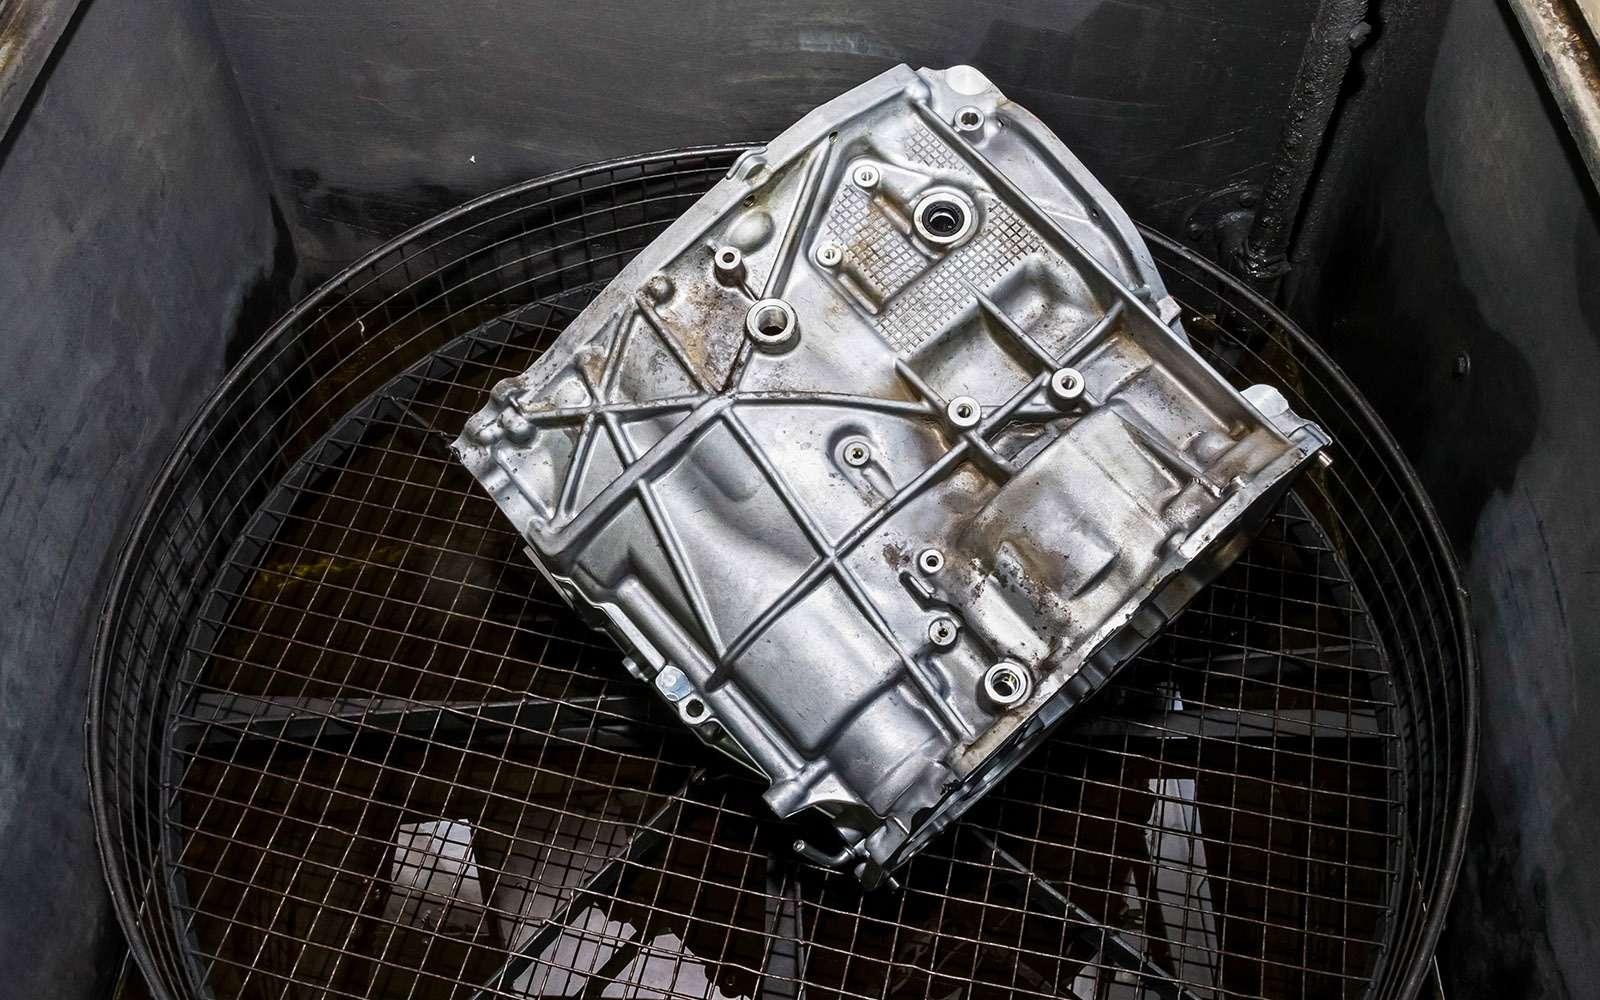 Можно лиотремонтировать вариатор? Исколько это стоит?— фото 846854